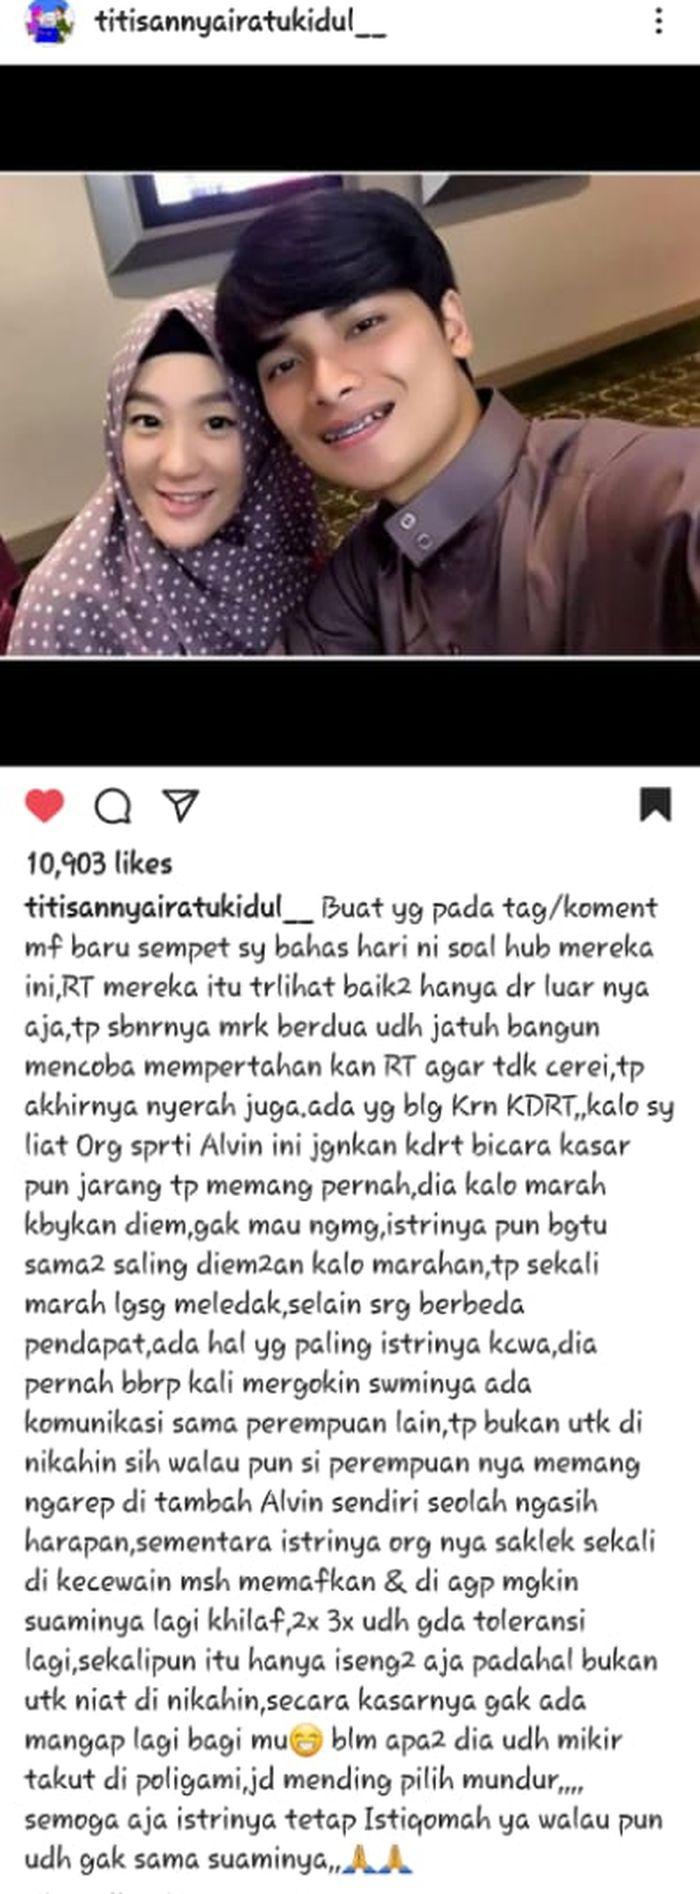 Pernyataan paranormal terkait rumah tangga Alvin Faiz dan Larissa Chou yang kandas (tangkap layar @titisannyairatukidul__).